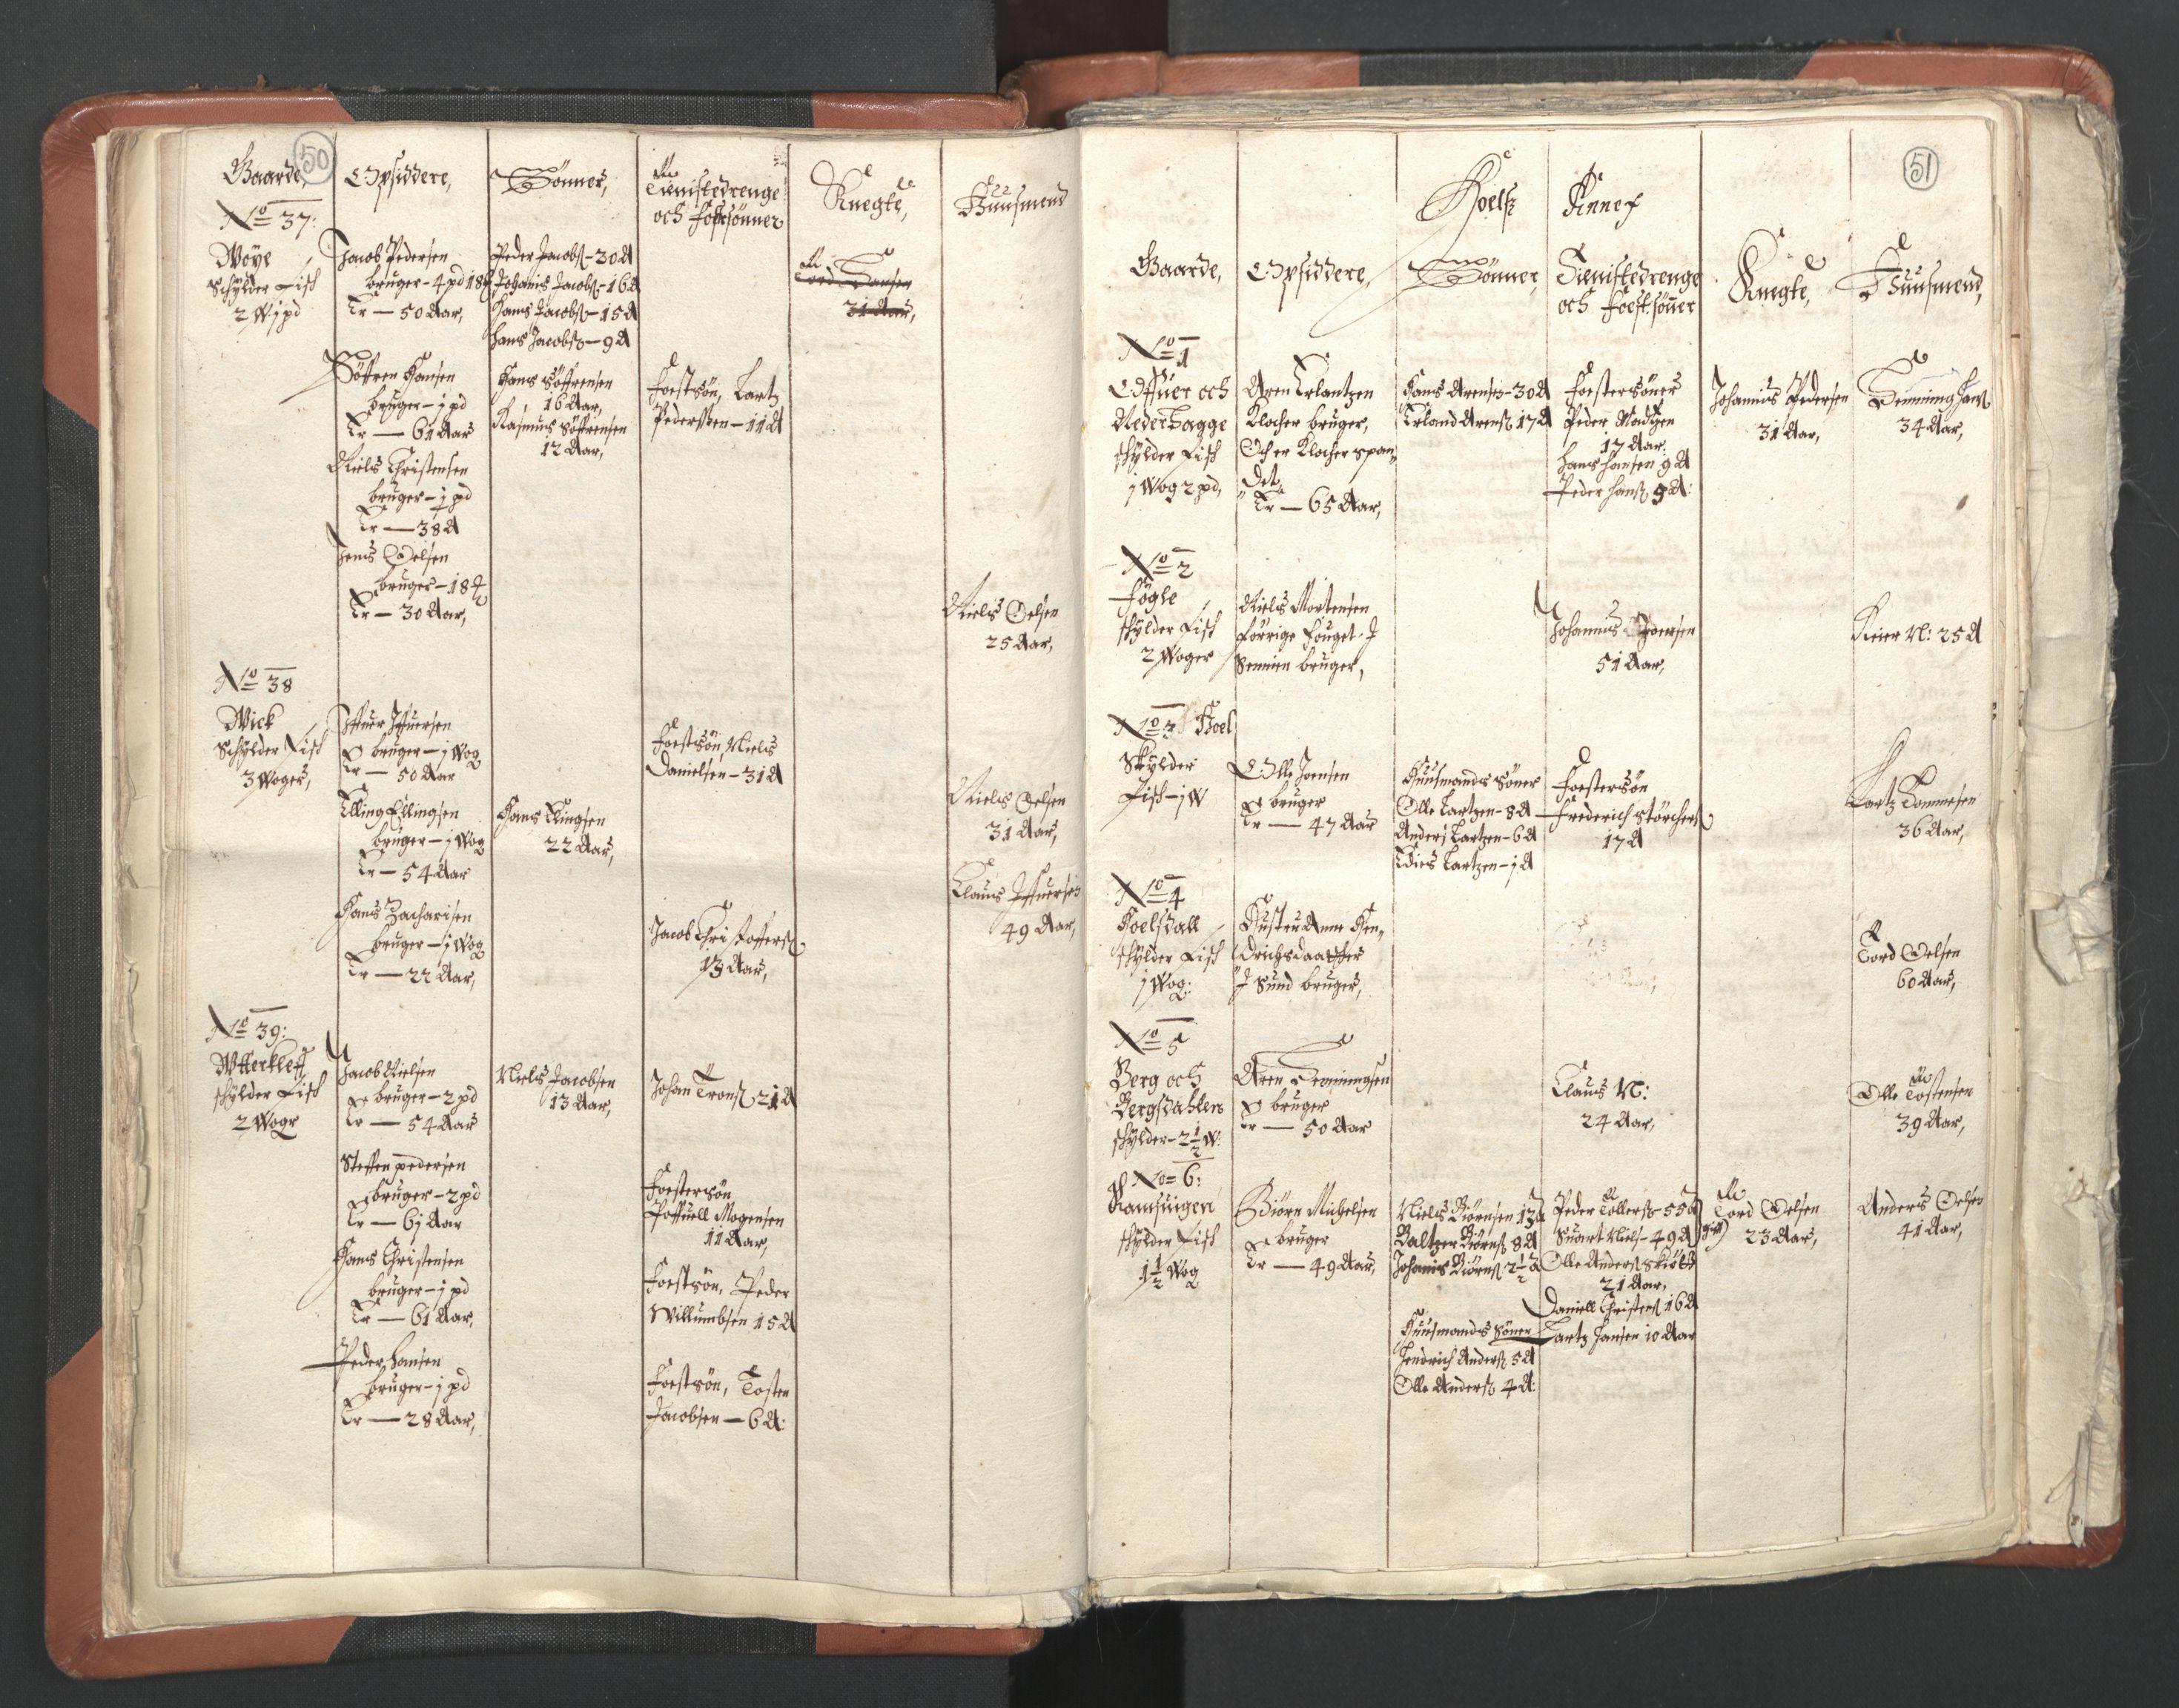 RA, Sogneprestenes manntall 1664-1666, nr. 36: Lofoten og Vesterålen prosti, Senja prosti og Troms prosti, 1664-1666, s. 50-51